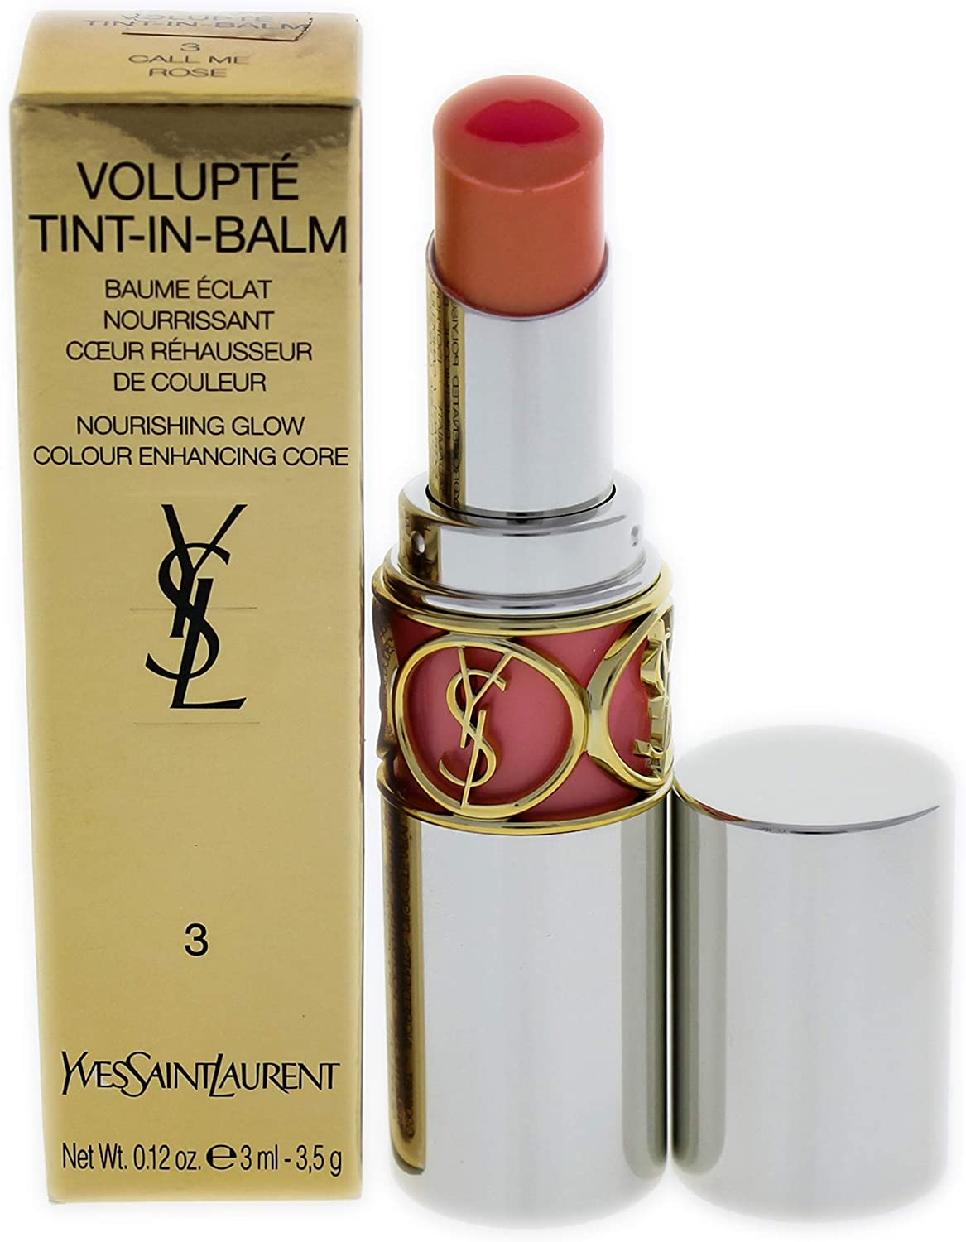 YVES SAINT LAURENT(イヴ・サンローラン) ルージュ ヴォリュプテ ティントインバームの商品画像